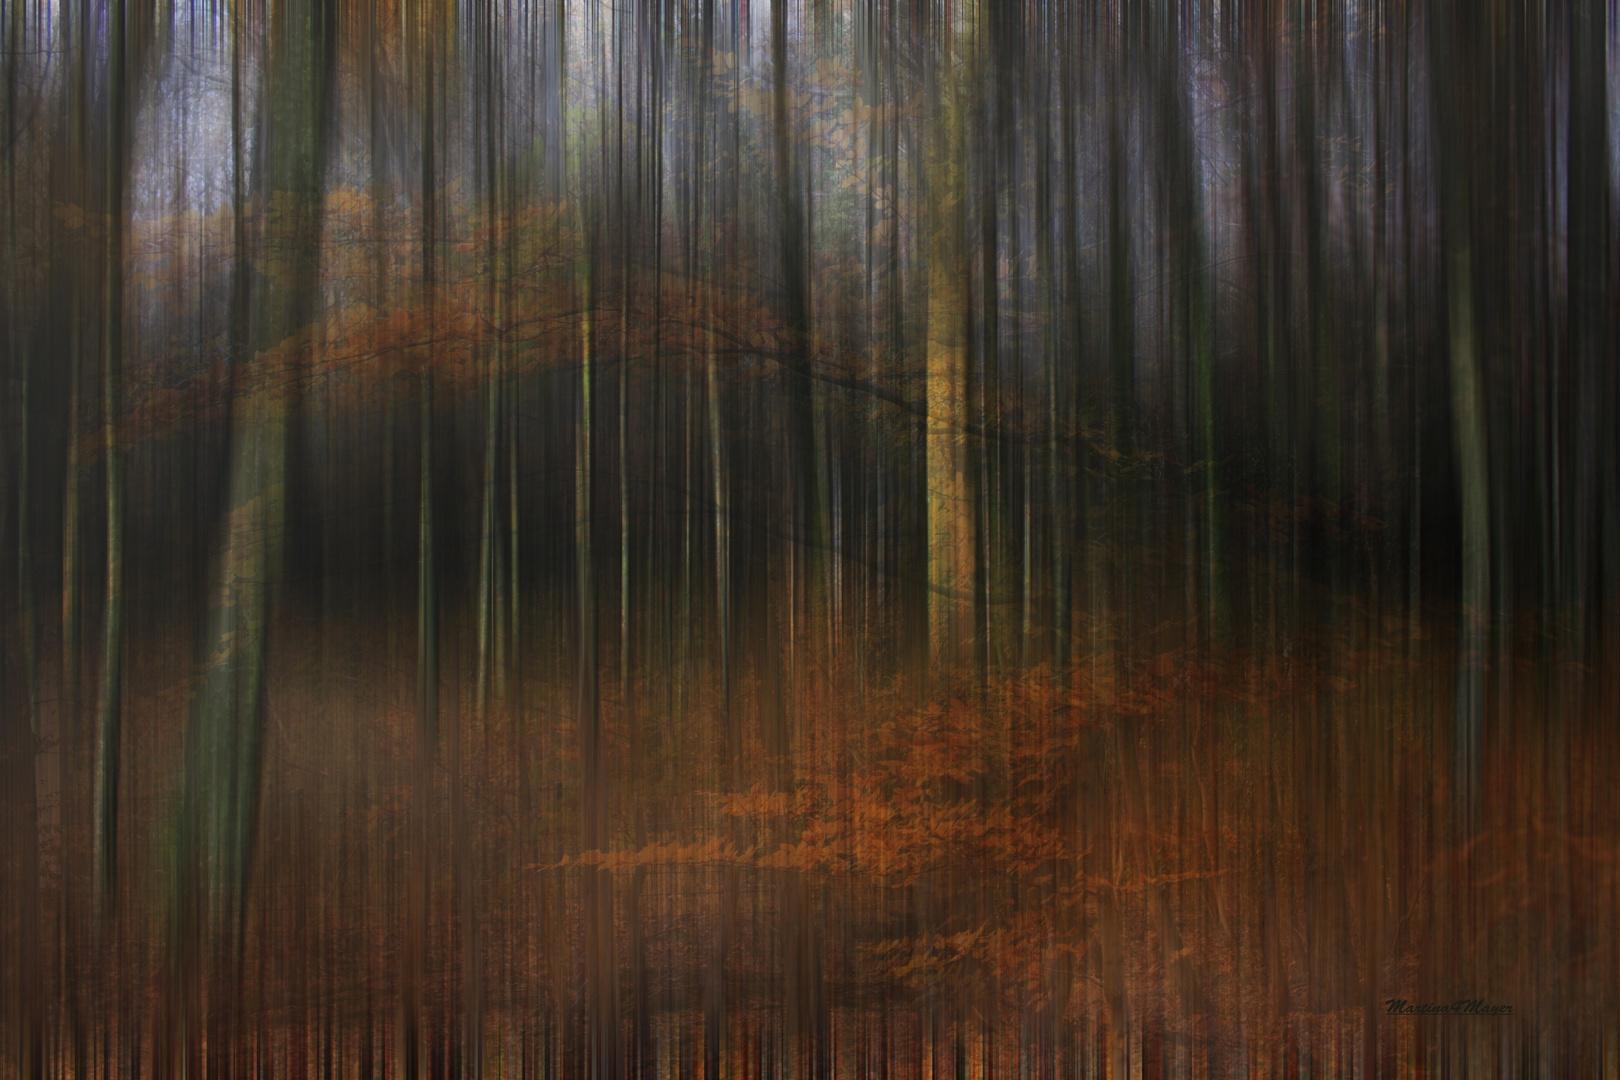 Waldseele